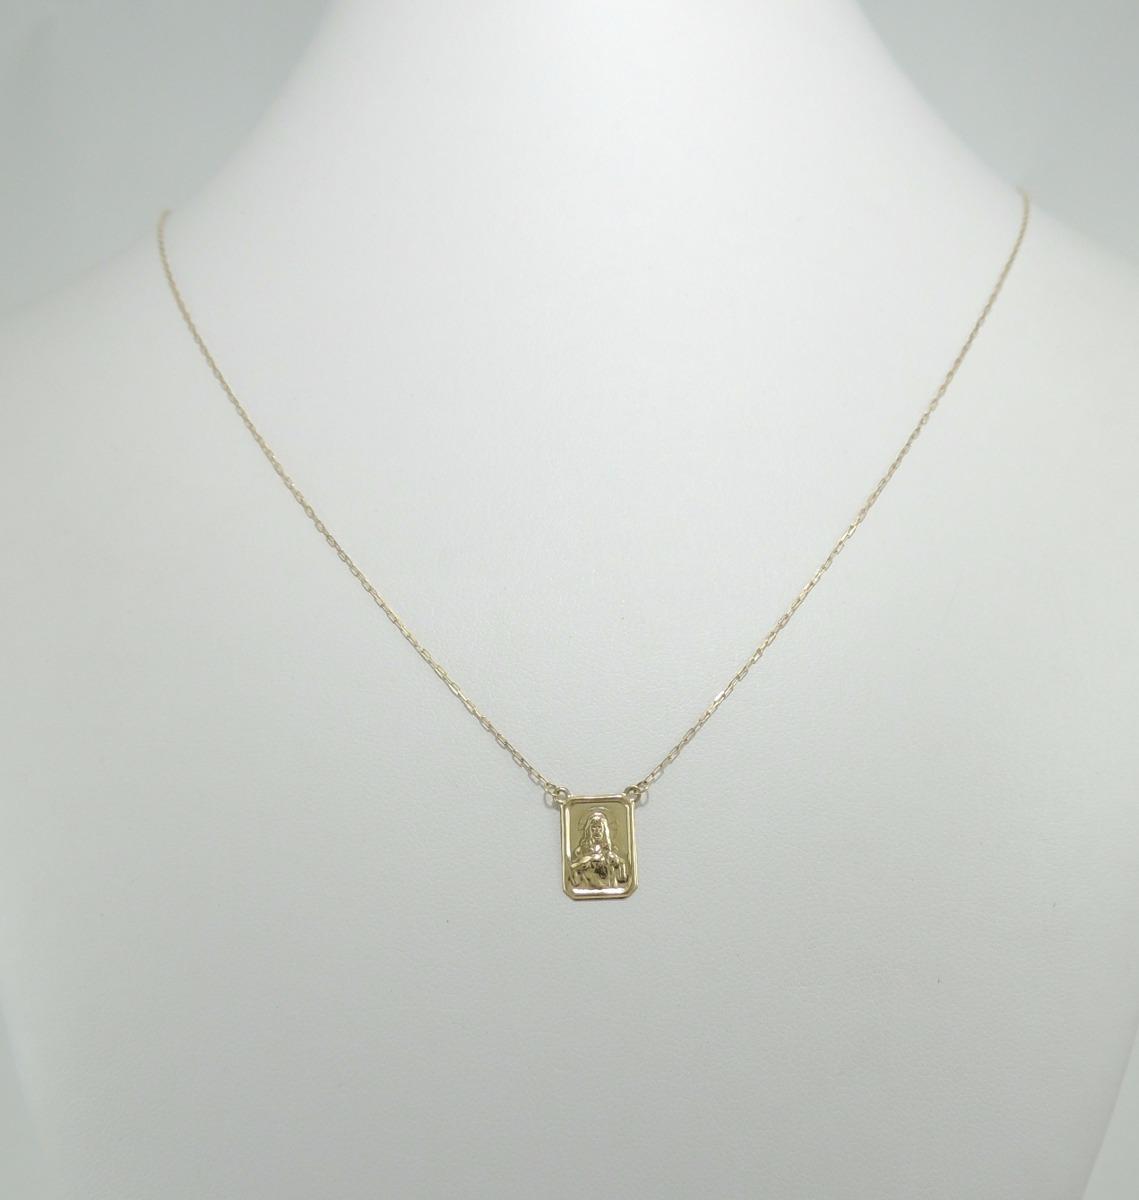 cd5b9d8d1f28a escapulário masculino 65 cm 11 8 ouro 18k 750 cordão cartier. Carregando  zoom.